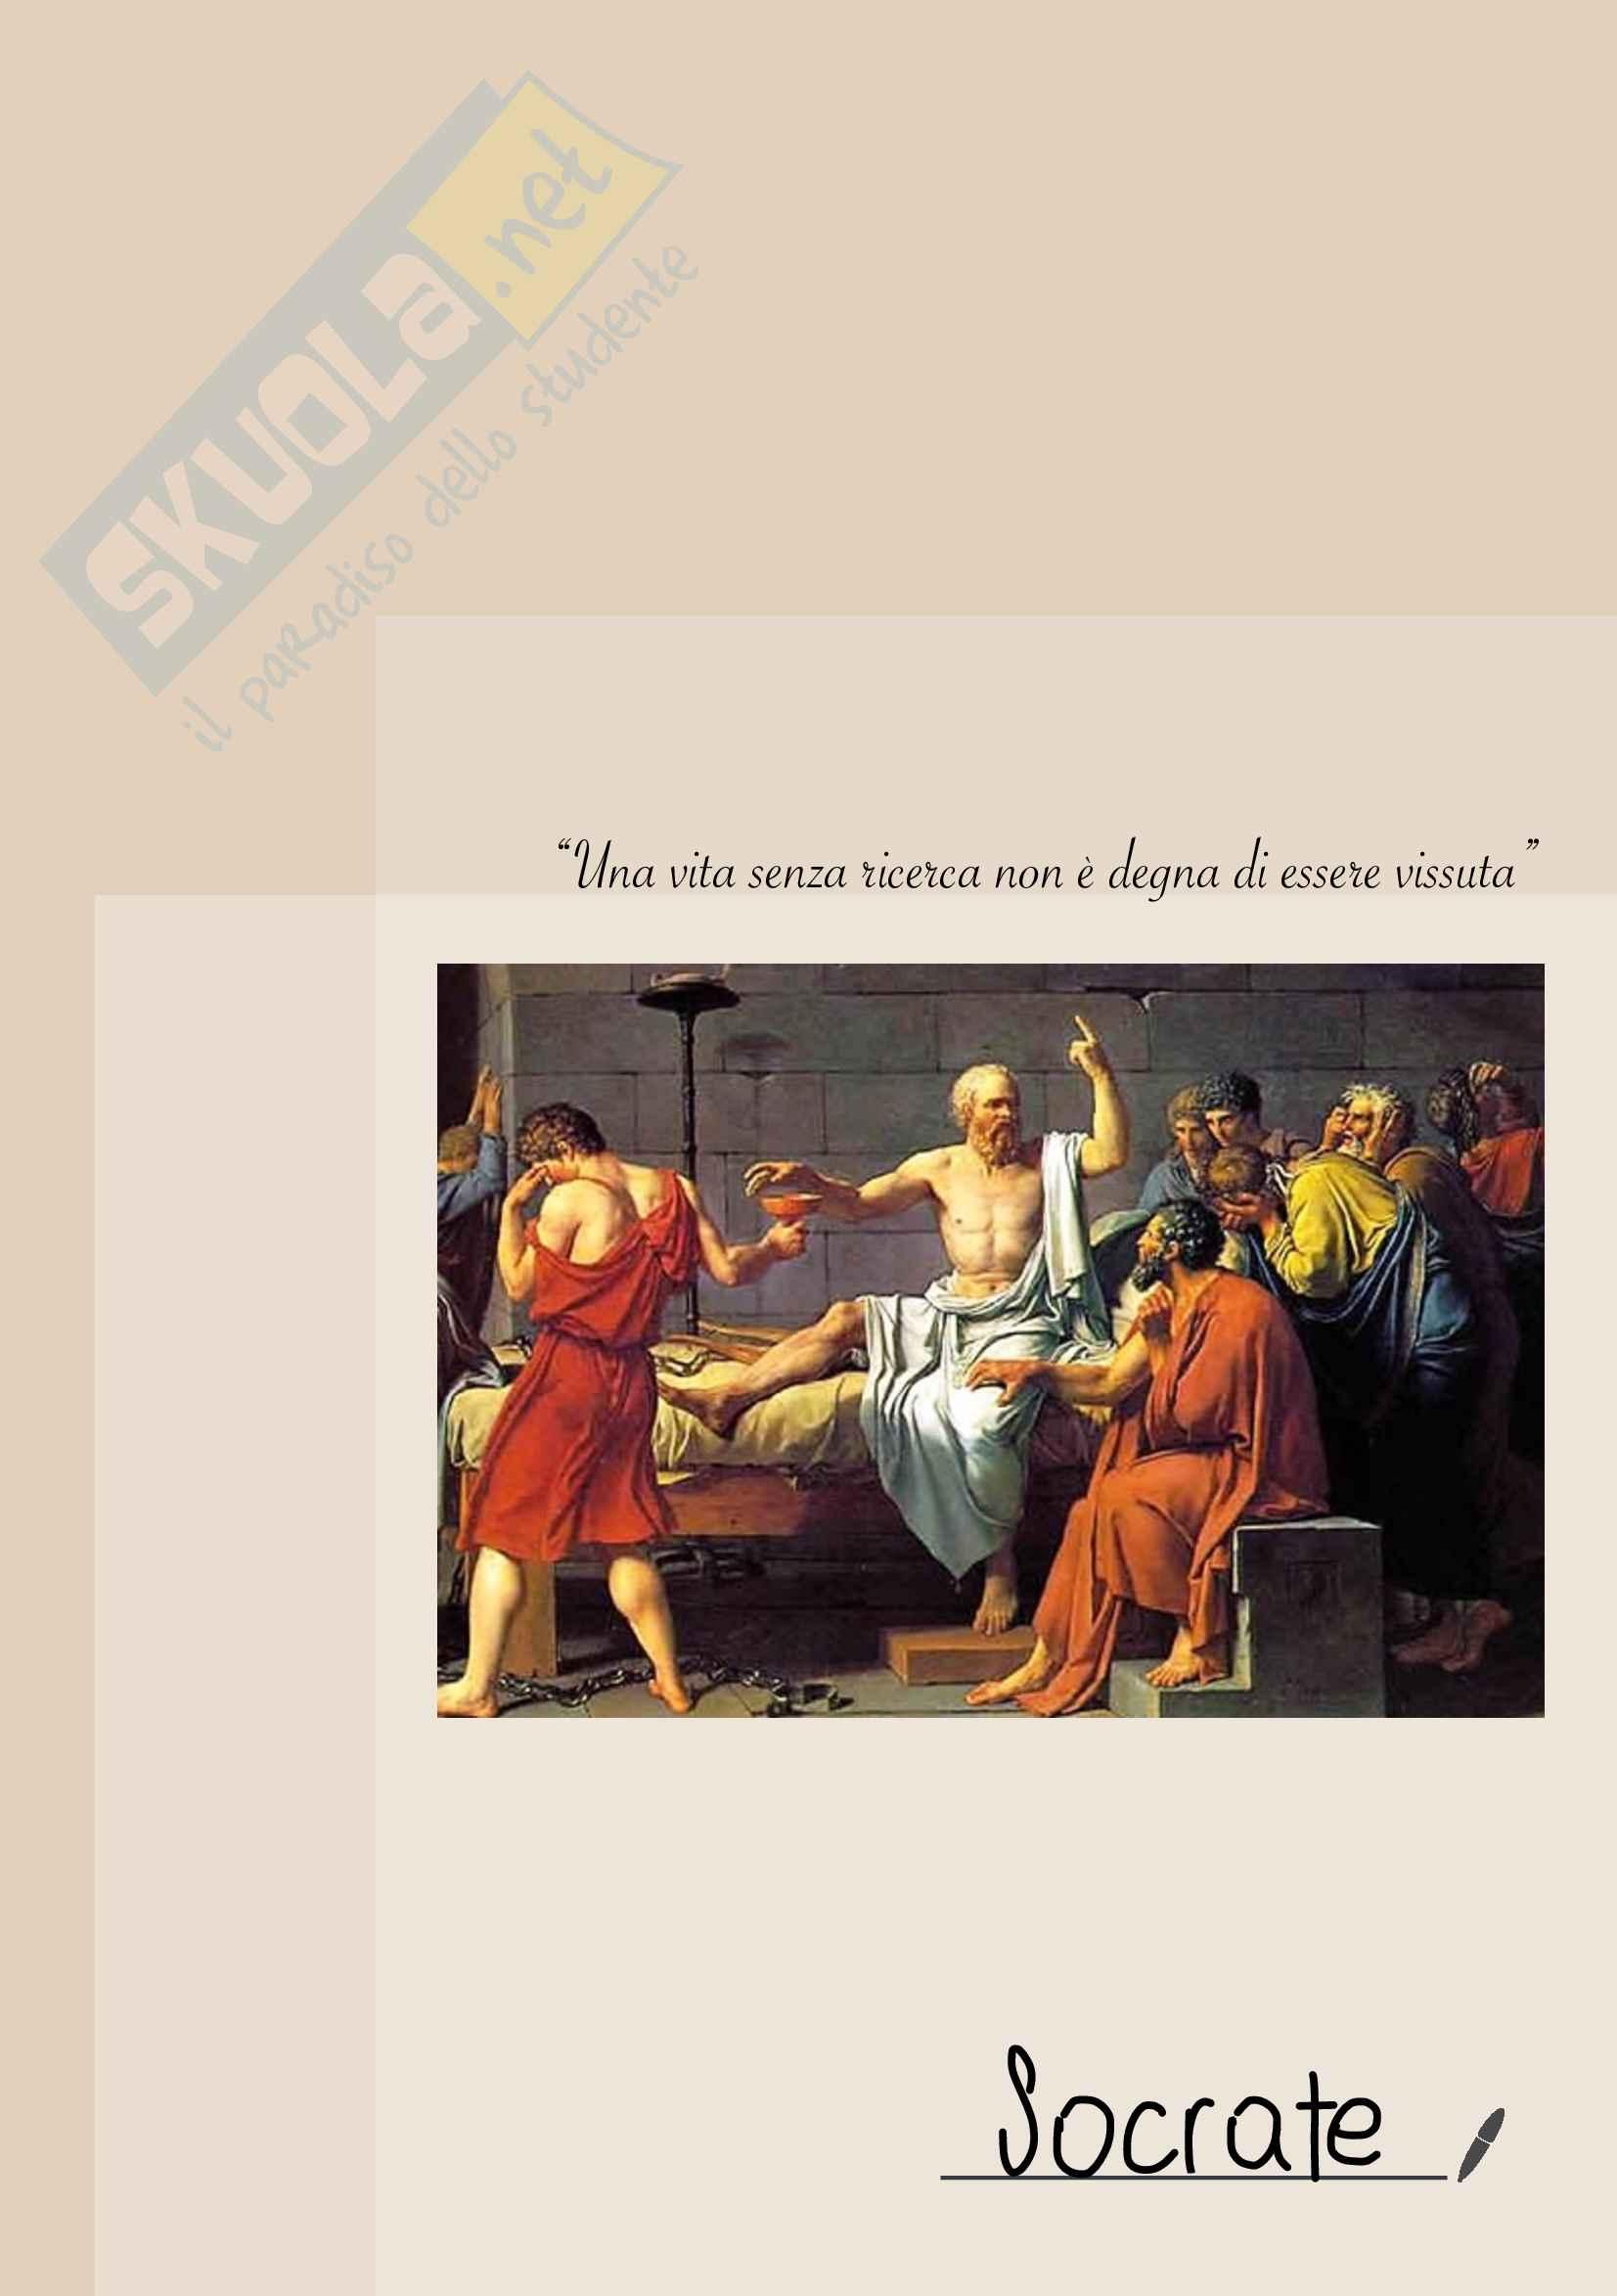 Riassunto Socrate